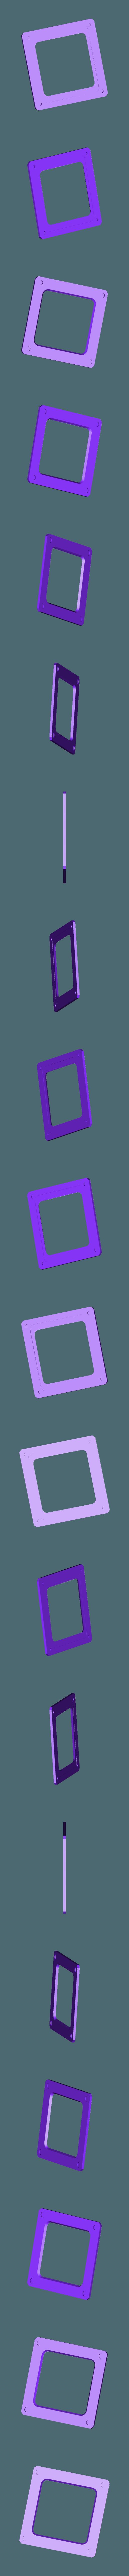 keypad-cover.stl Télécharger fichier SCAD gratuit Couverture pour clavier à membrane 4x4 • Plan imprimable en 3D, t0b1